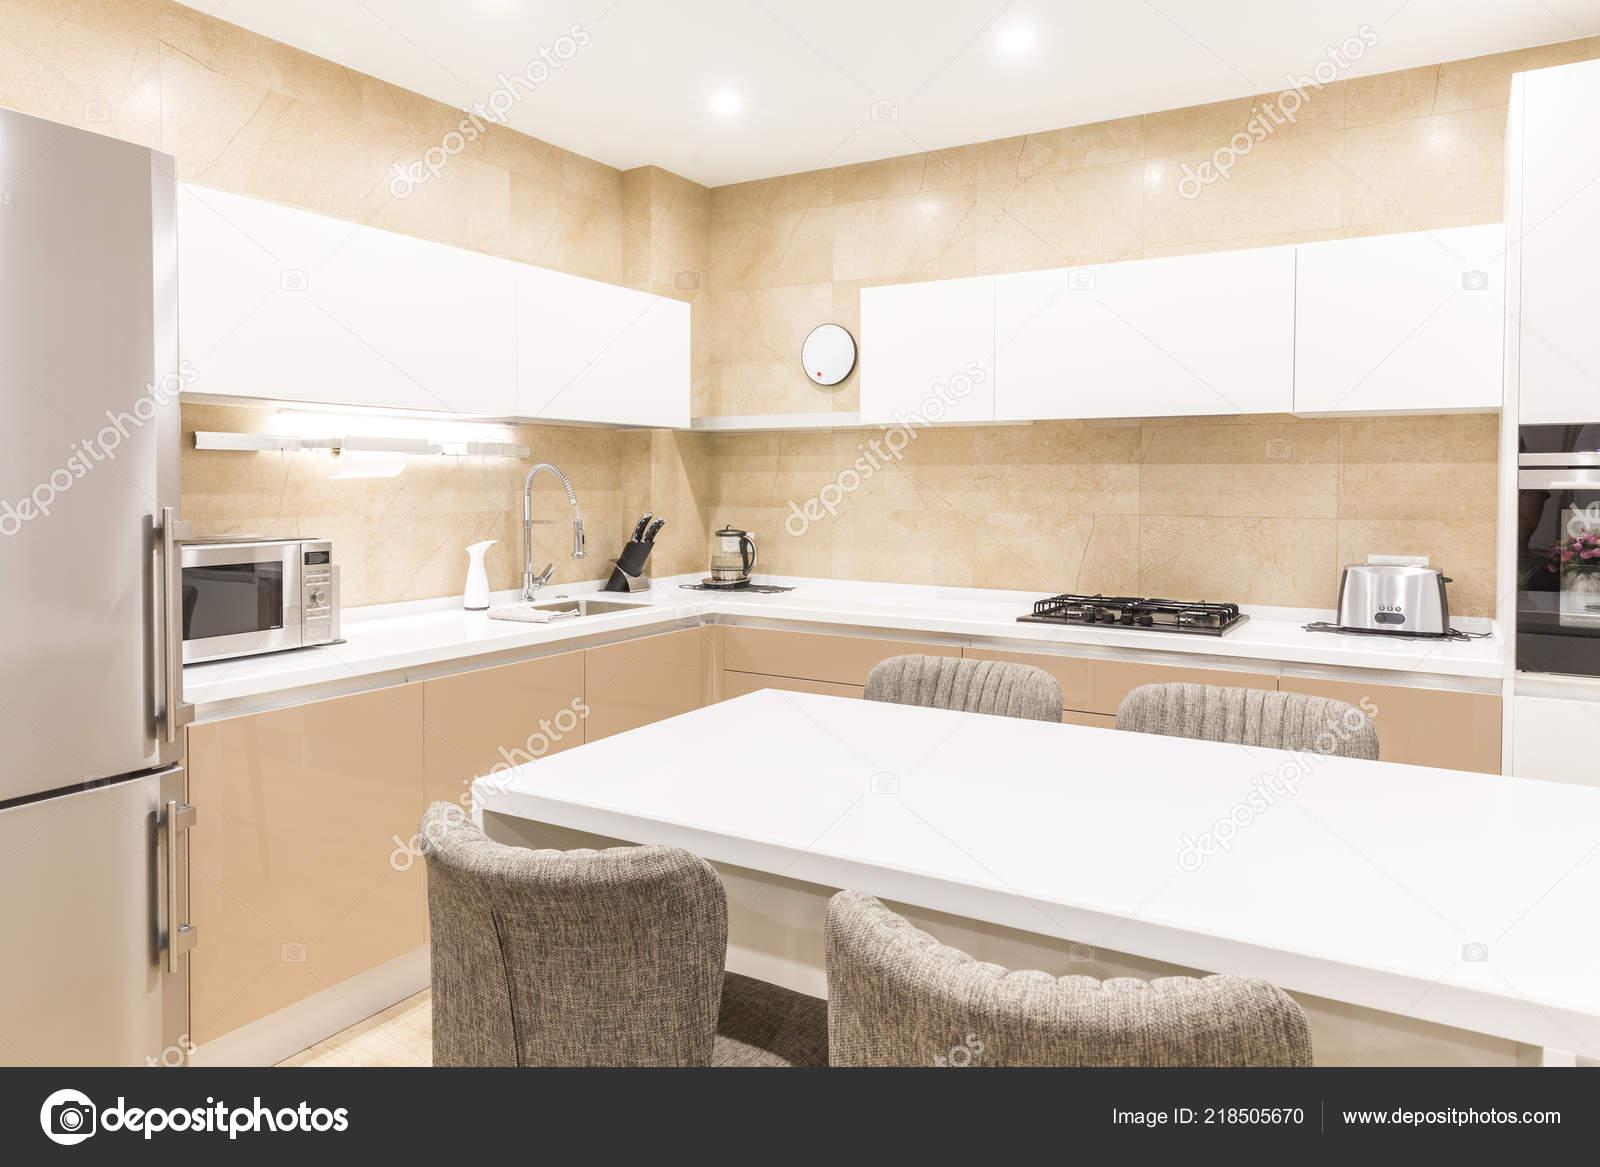 Moderne Neue Kuche In Einer Luxuriosen Ferienwohnung Stockfoto